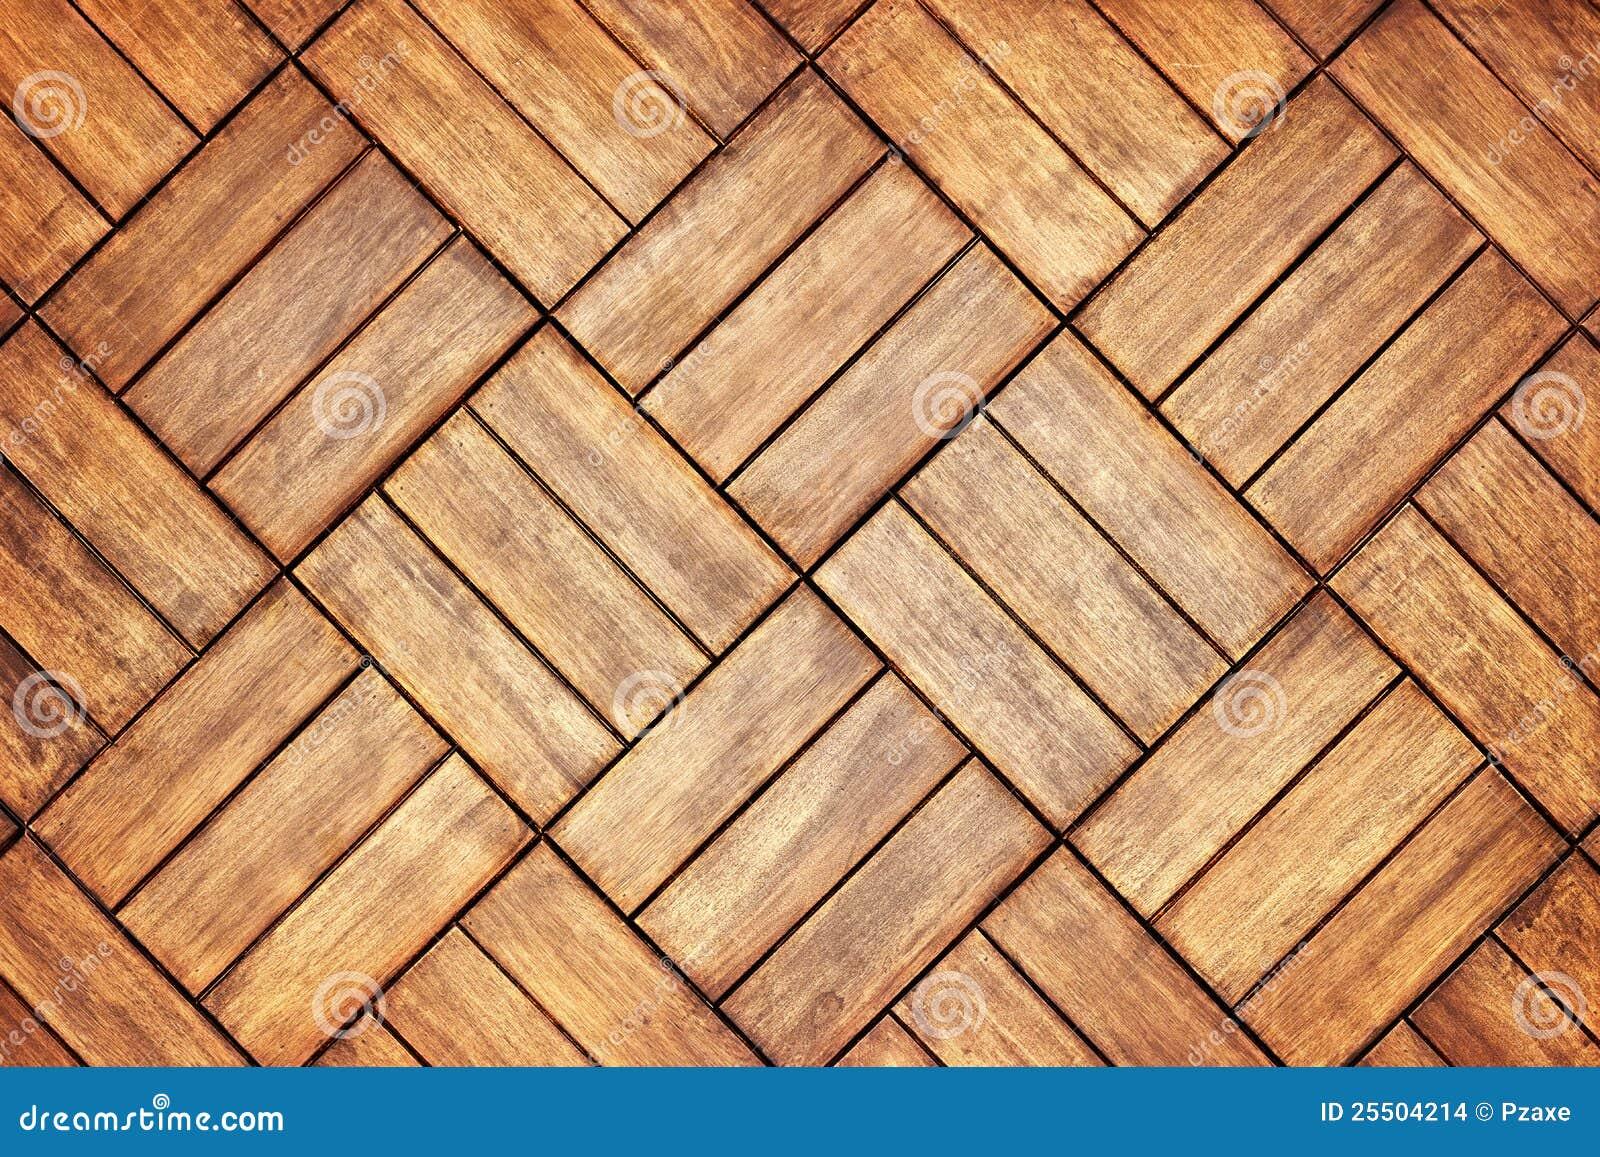 背景楼层木条地板